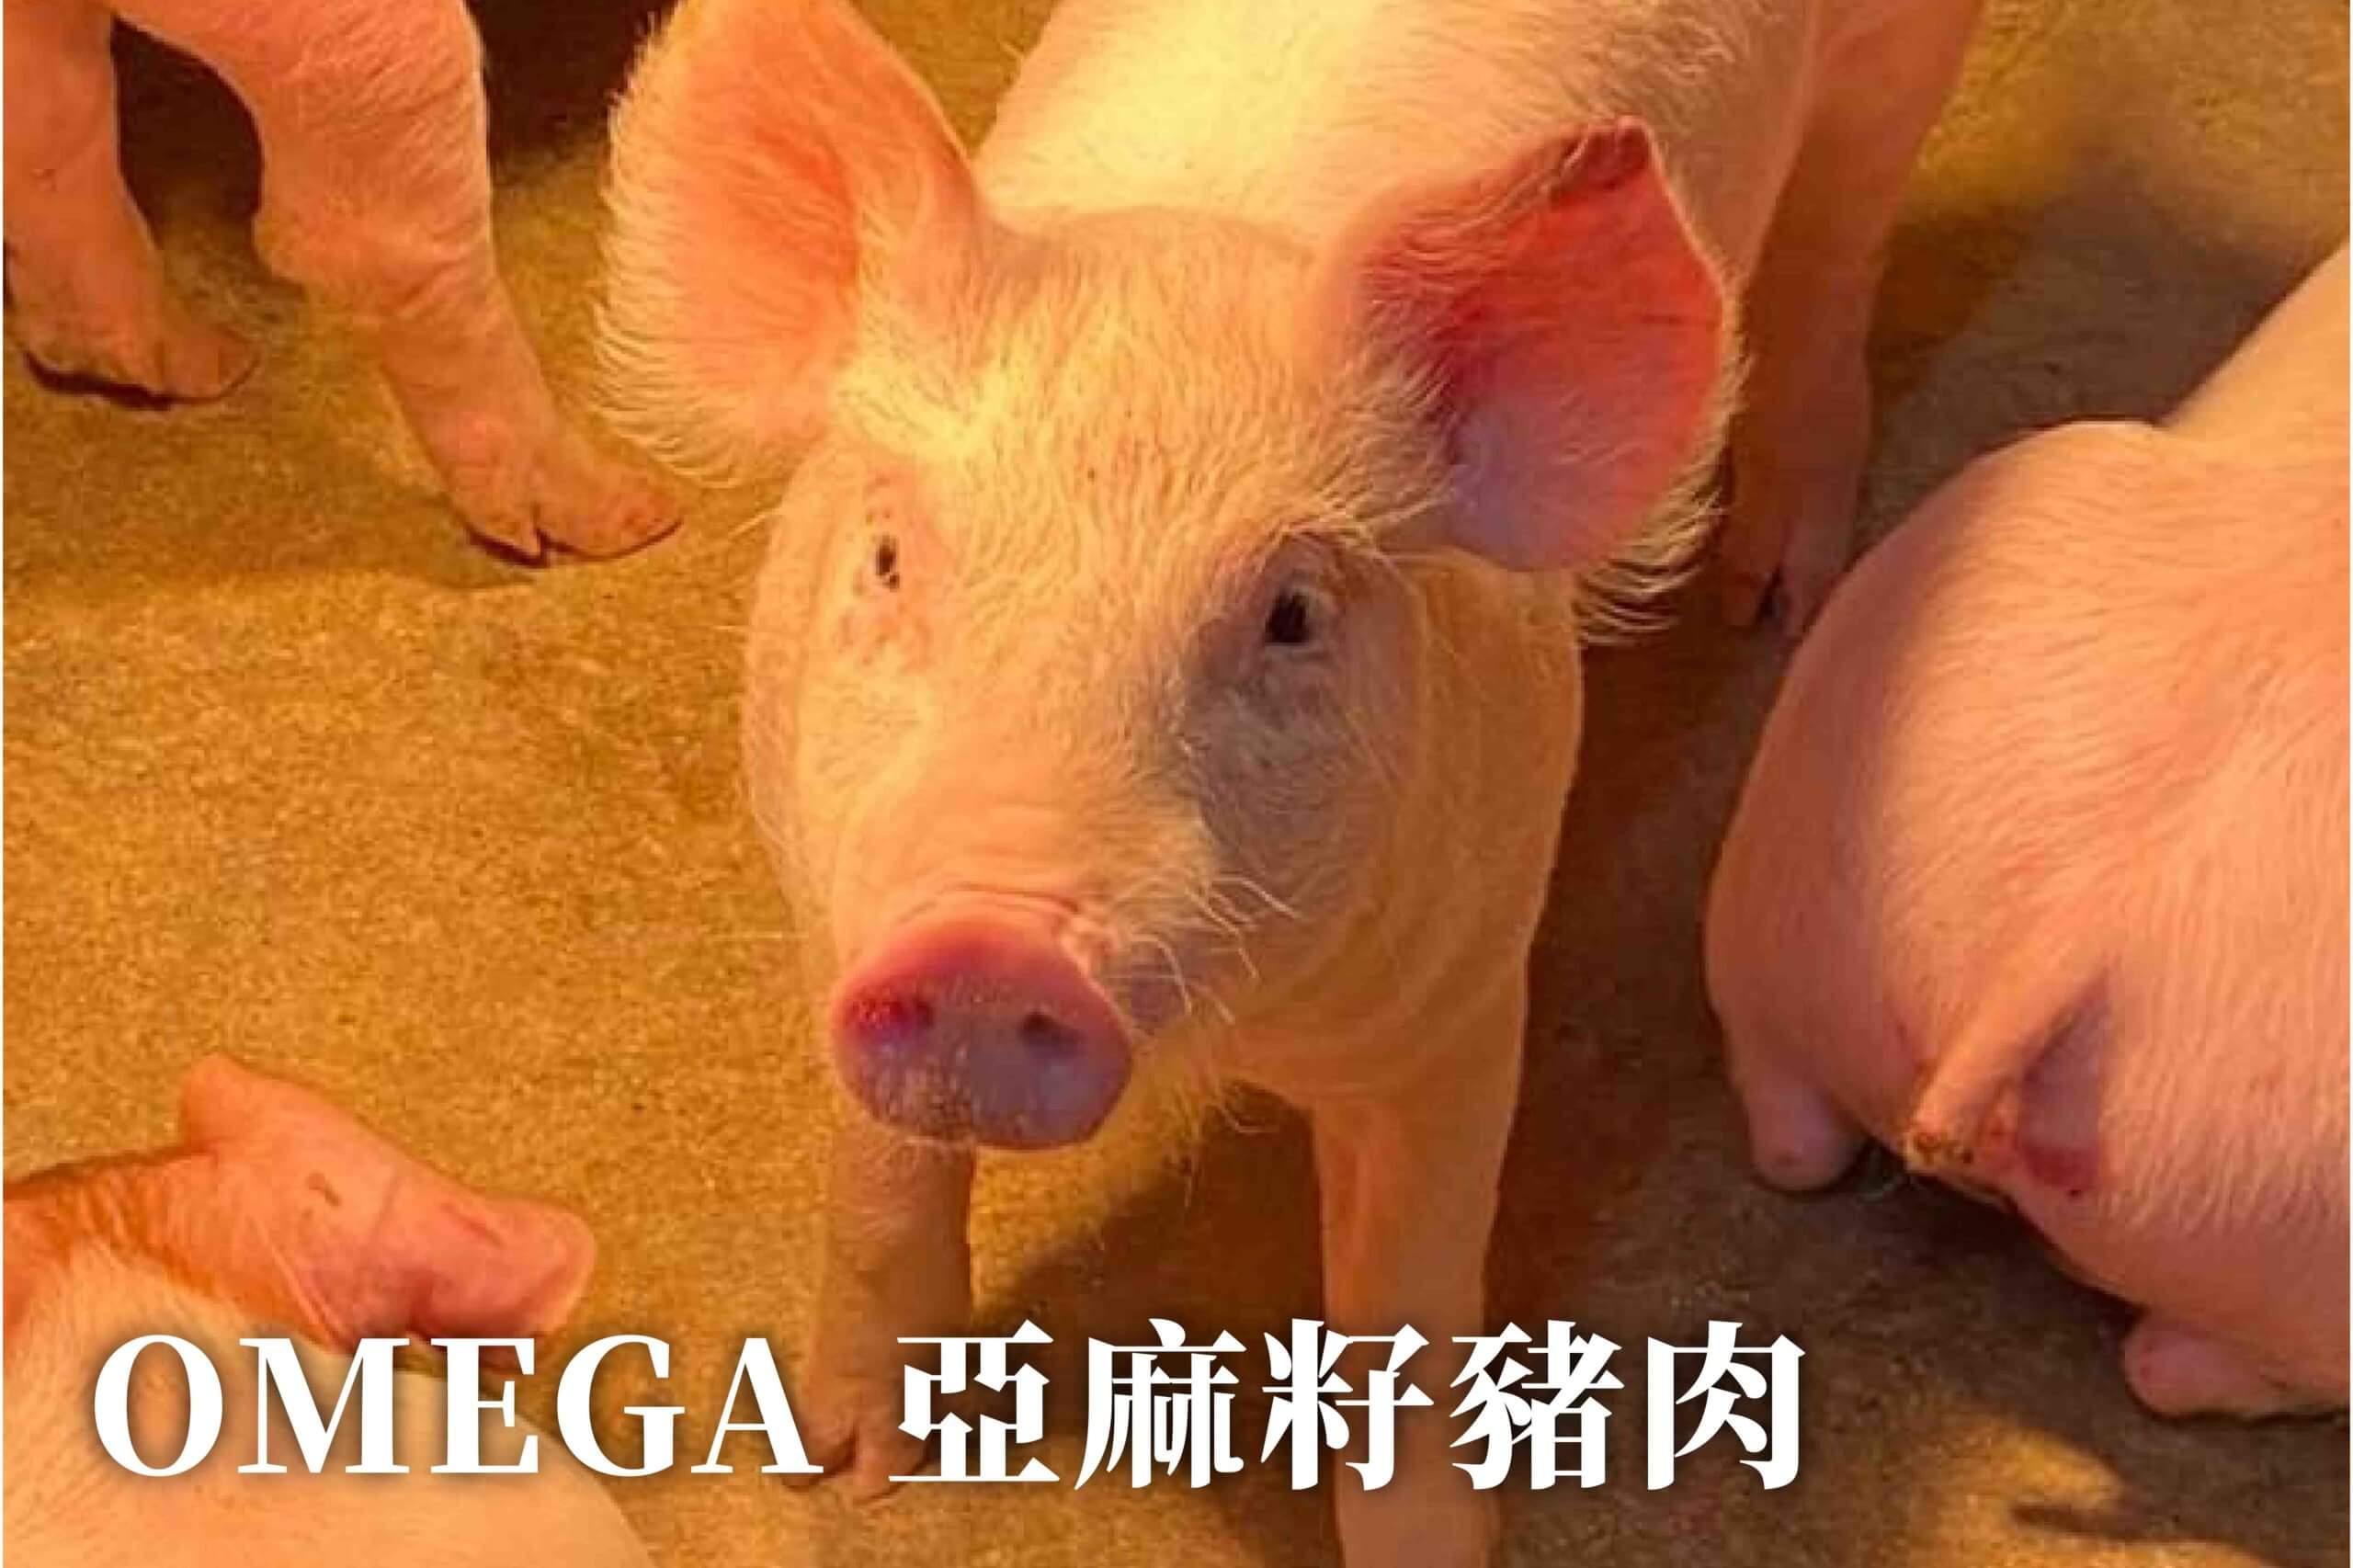 農場晃晃 - 亞麻籽豬